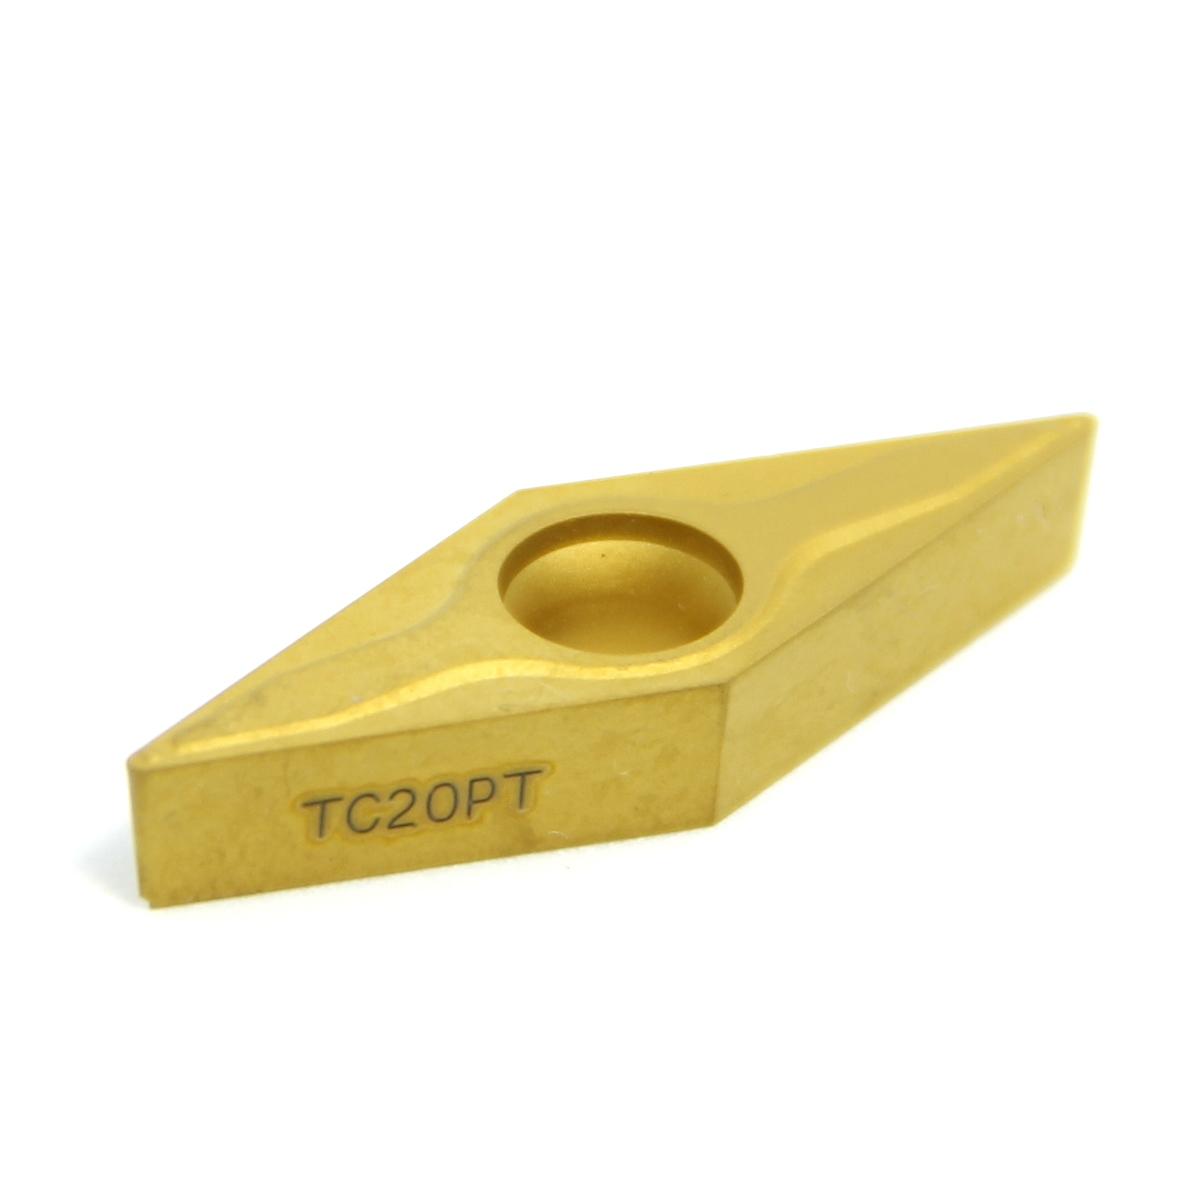 Пластина для токарной обработки VBMT 160404